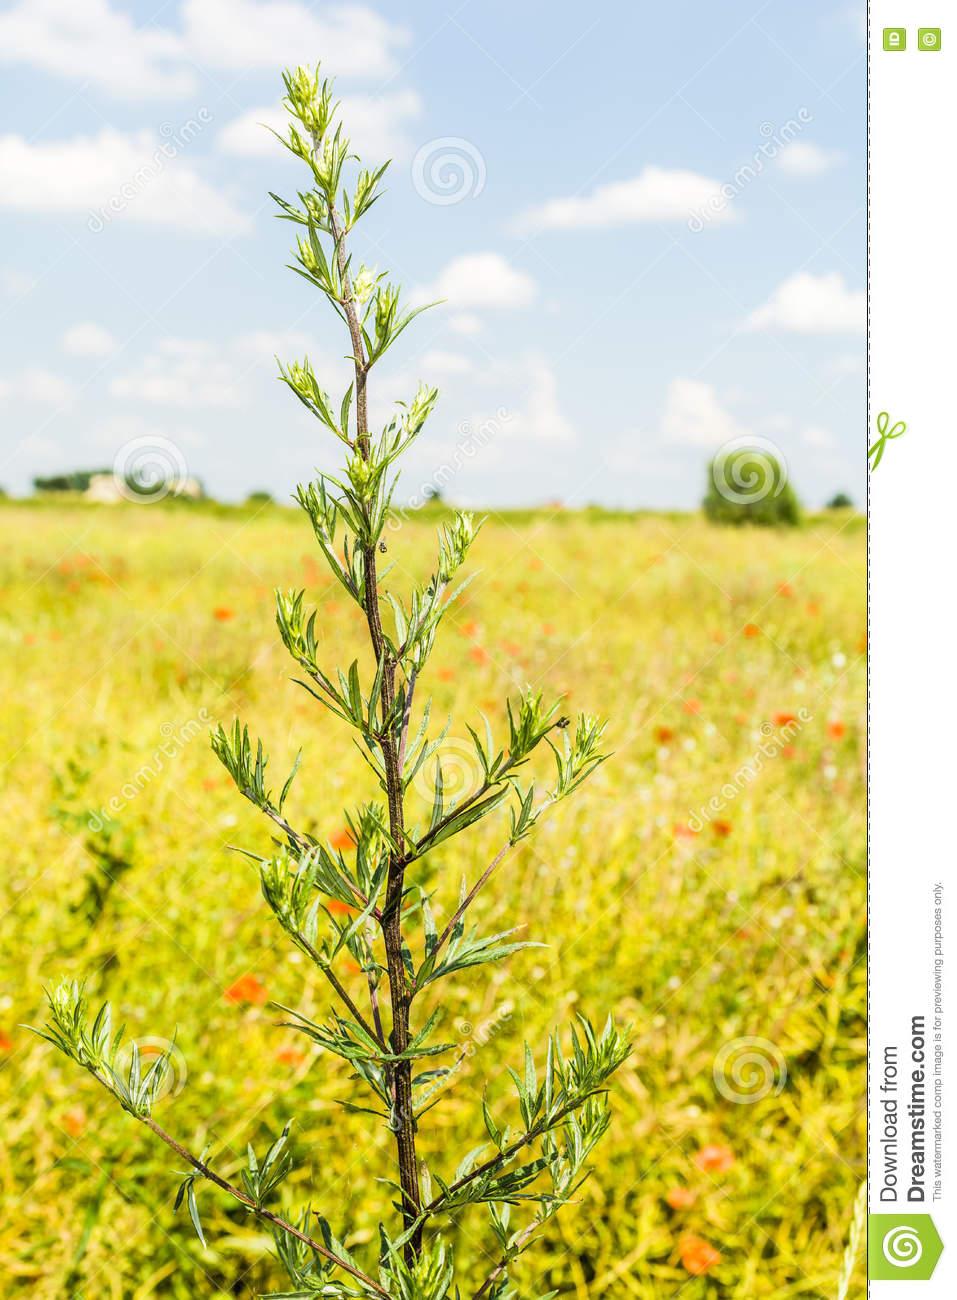 Artemisia Vulgaris L. Stock Photo.